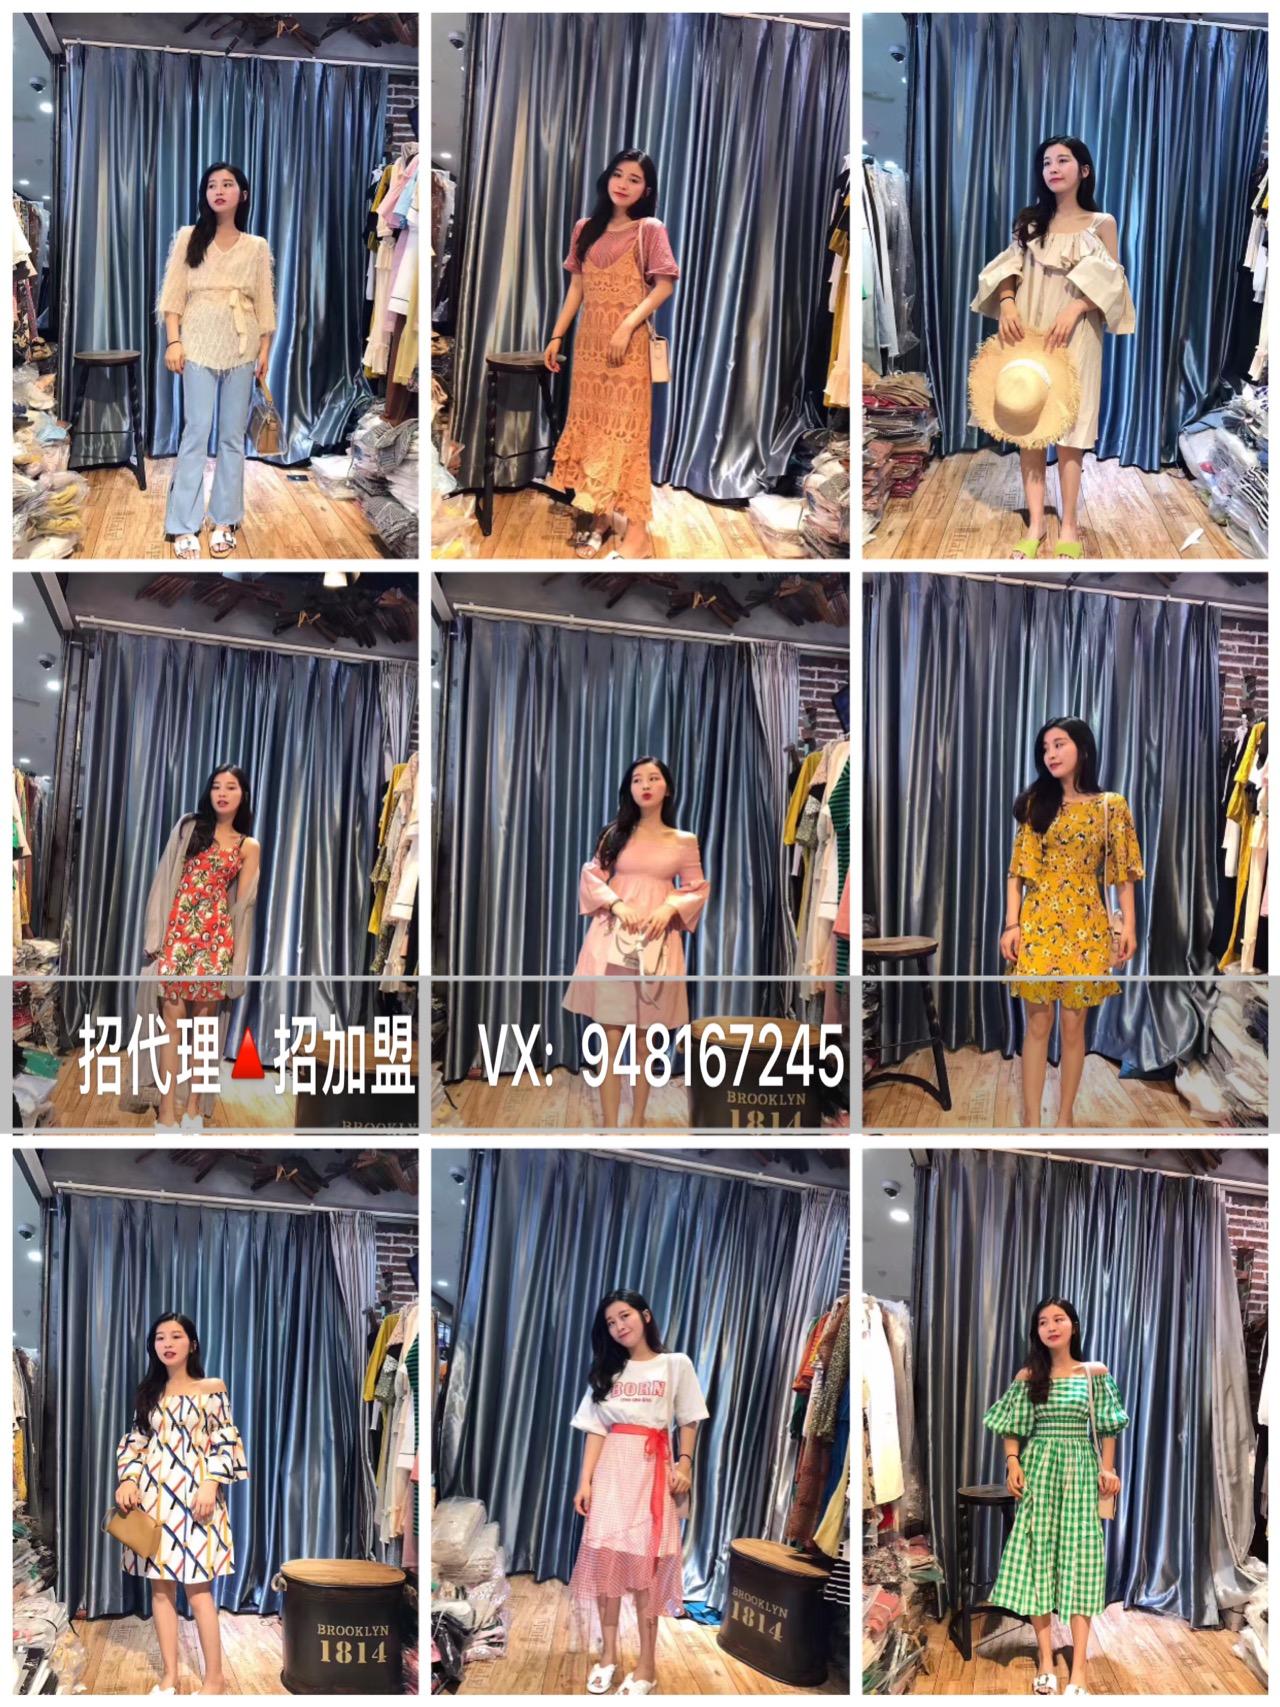 这是第5张女装欧美日韩泰国多种款式选择的货源图片